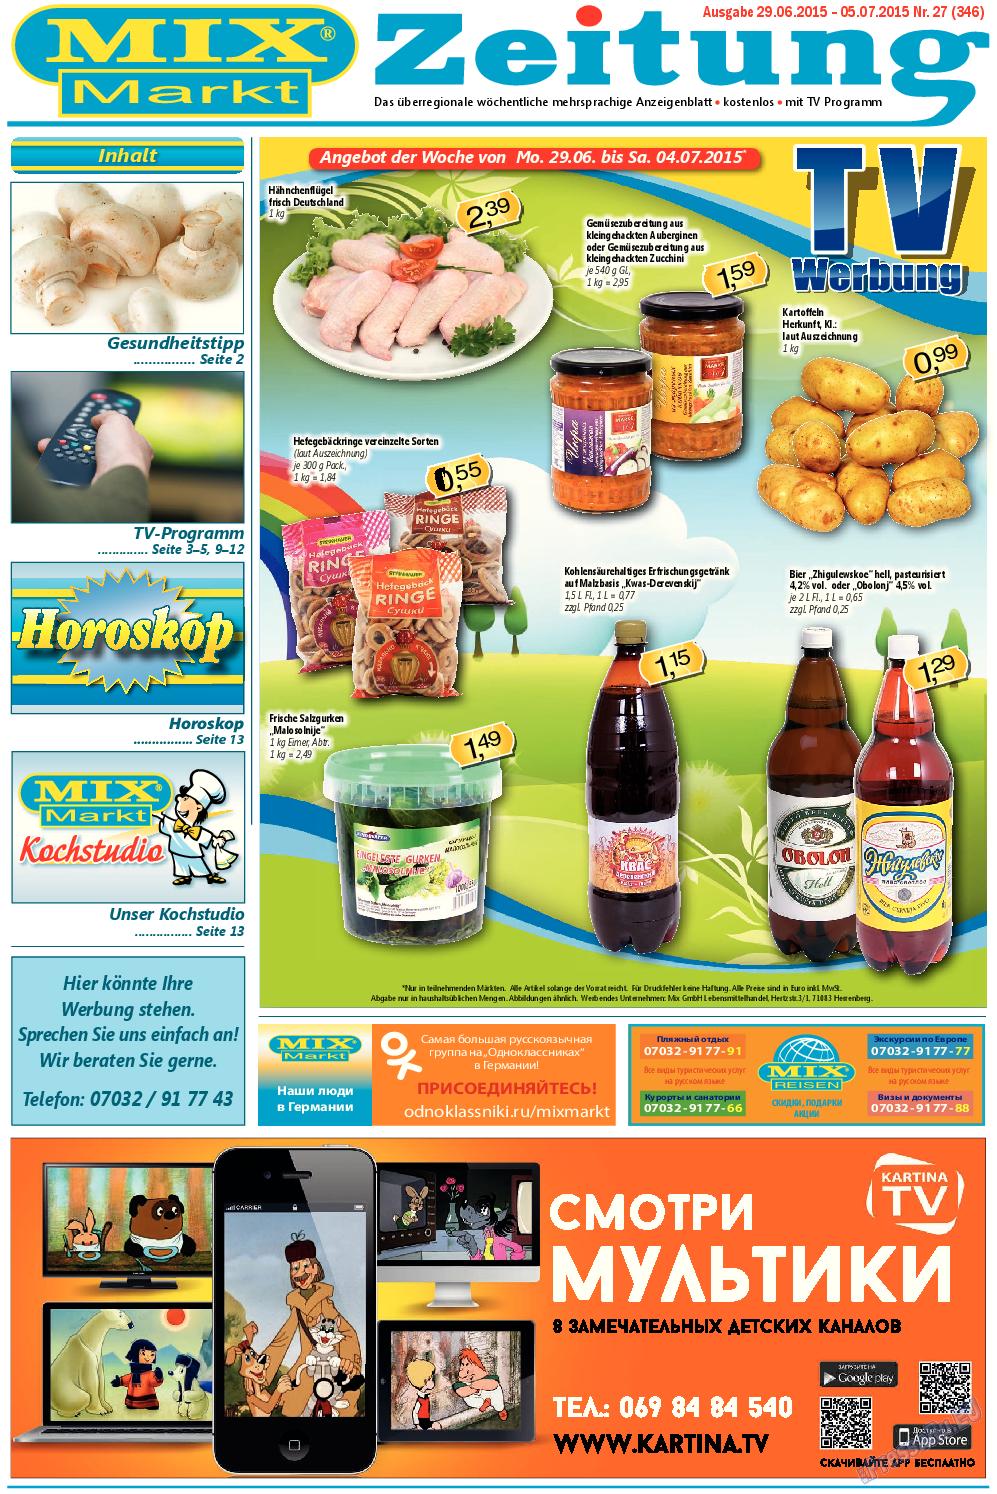 MIX-Markt Zeitung (газета). 2015 год, номер 27, стр. 1